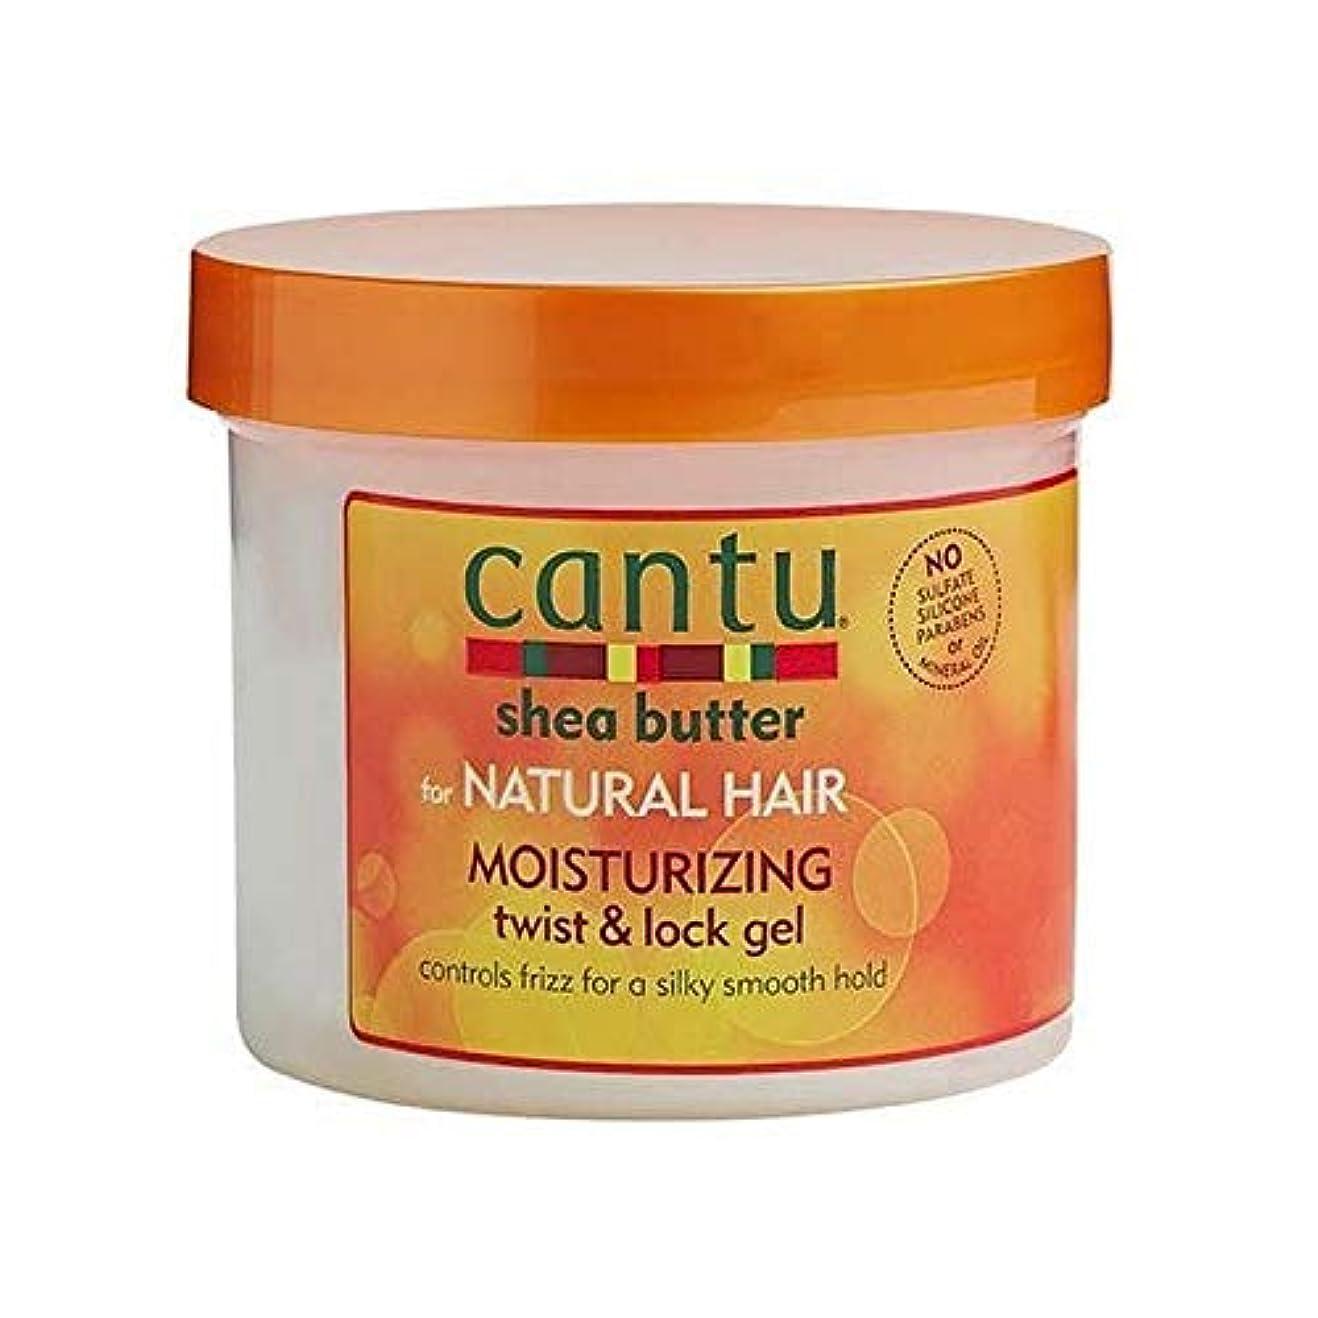 異なるハム札入れ[Cantu ] 自然な髪のツイスト&ロックゲル370グラムのためのカントゥ - Cantu for Natural Hair Twist & Lock Gel 370g [並行輸入品]